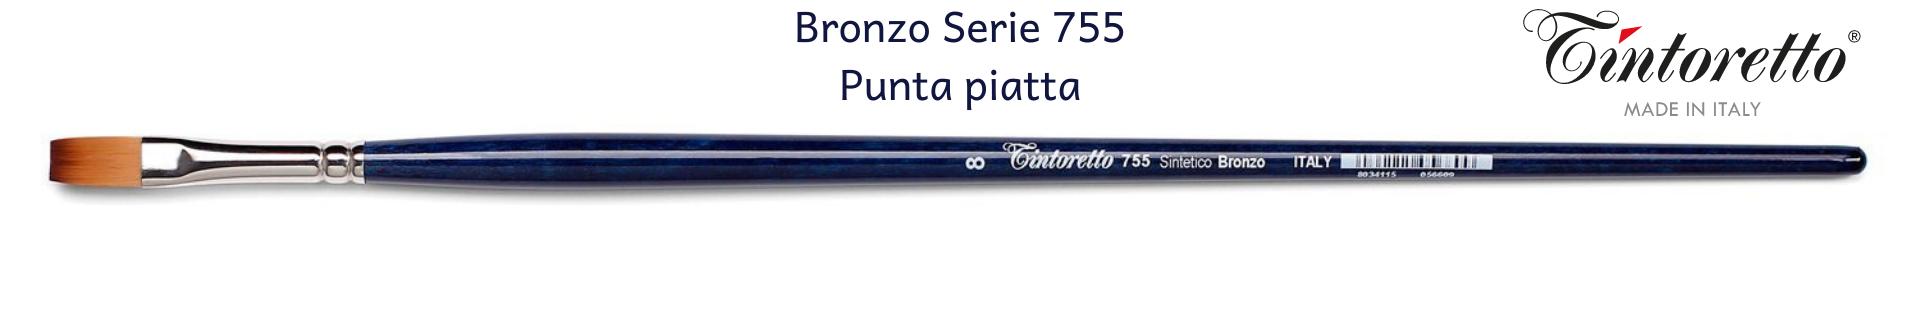 Tintoretto Bronzo 755 Piatti